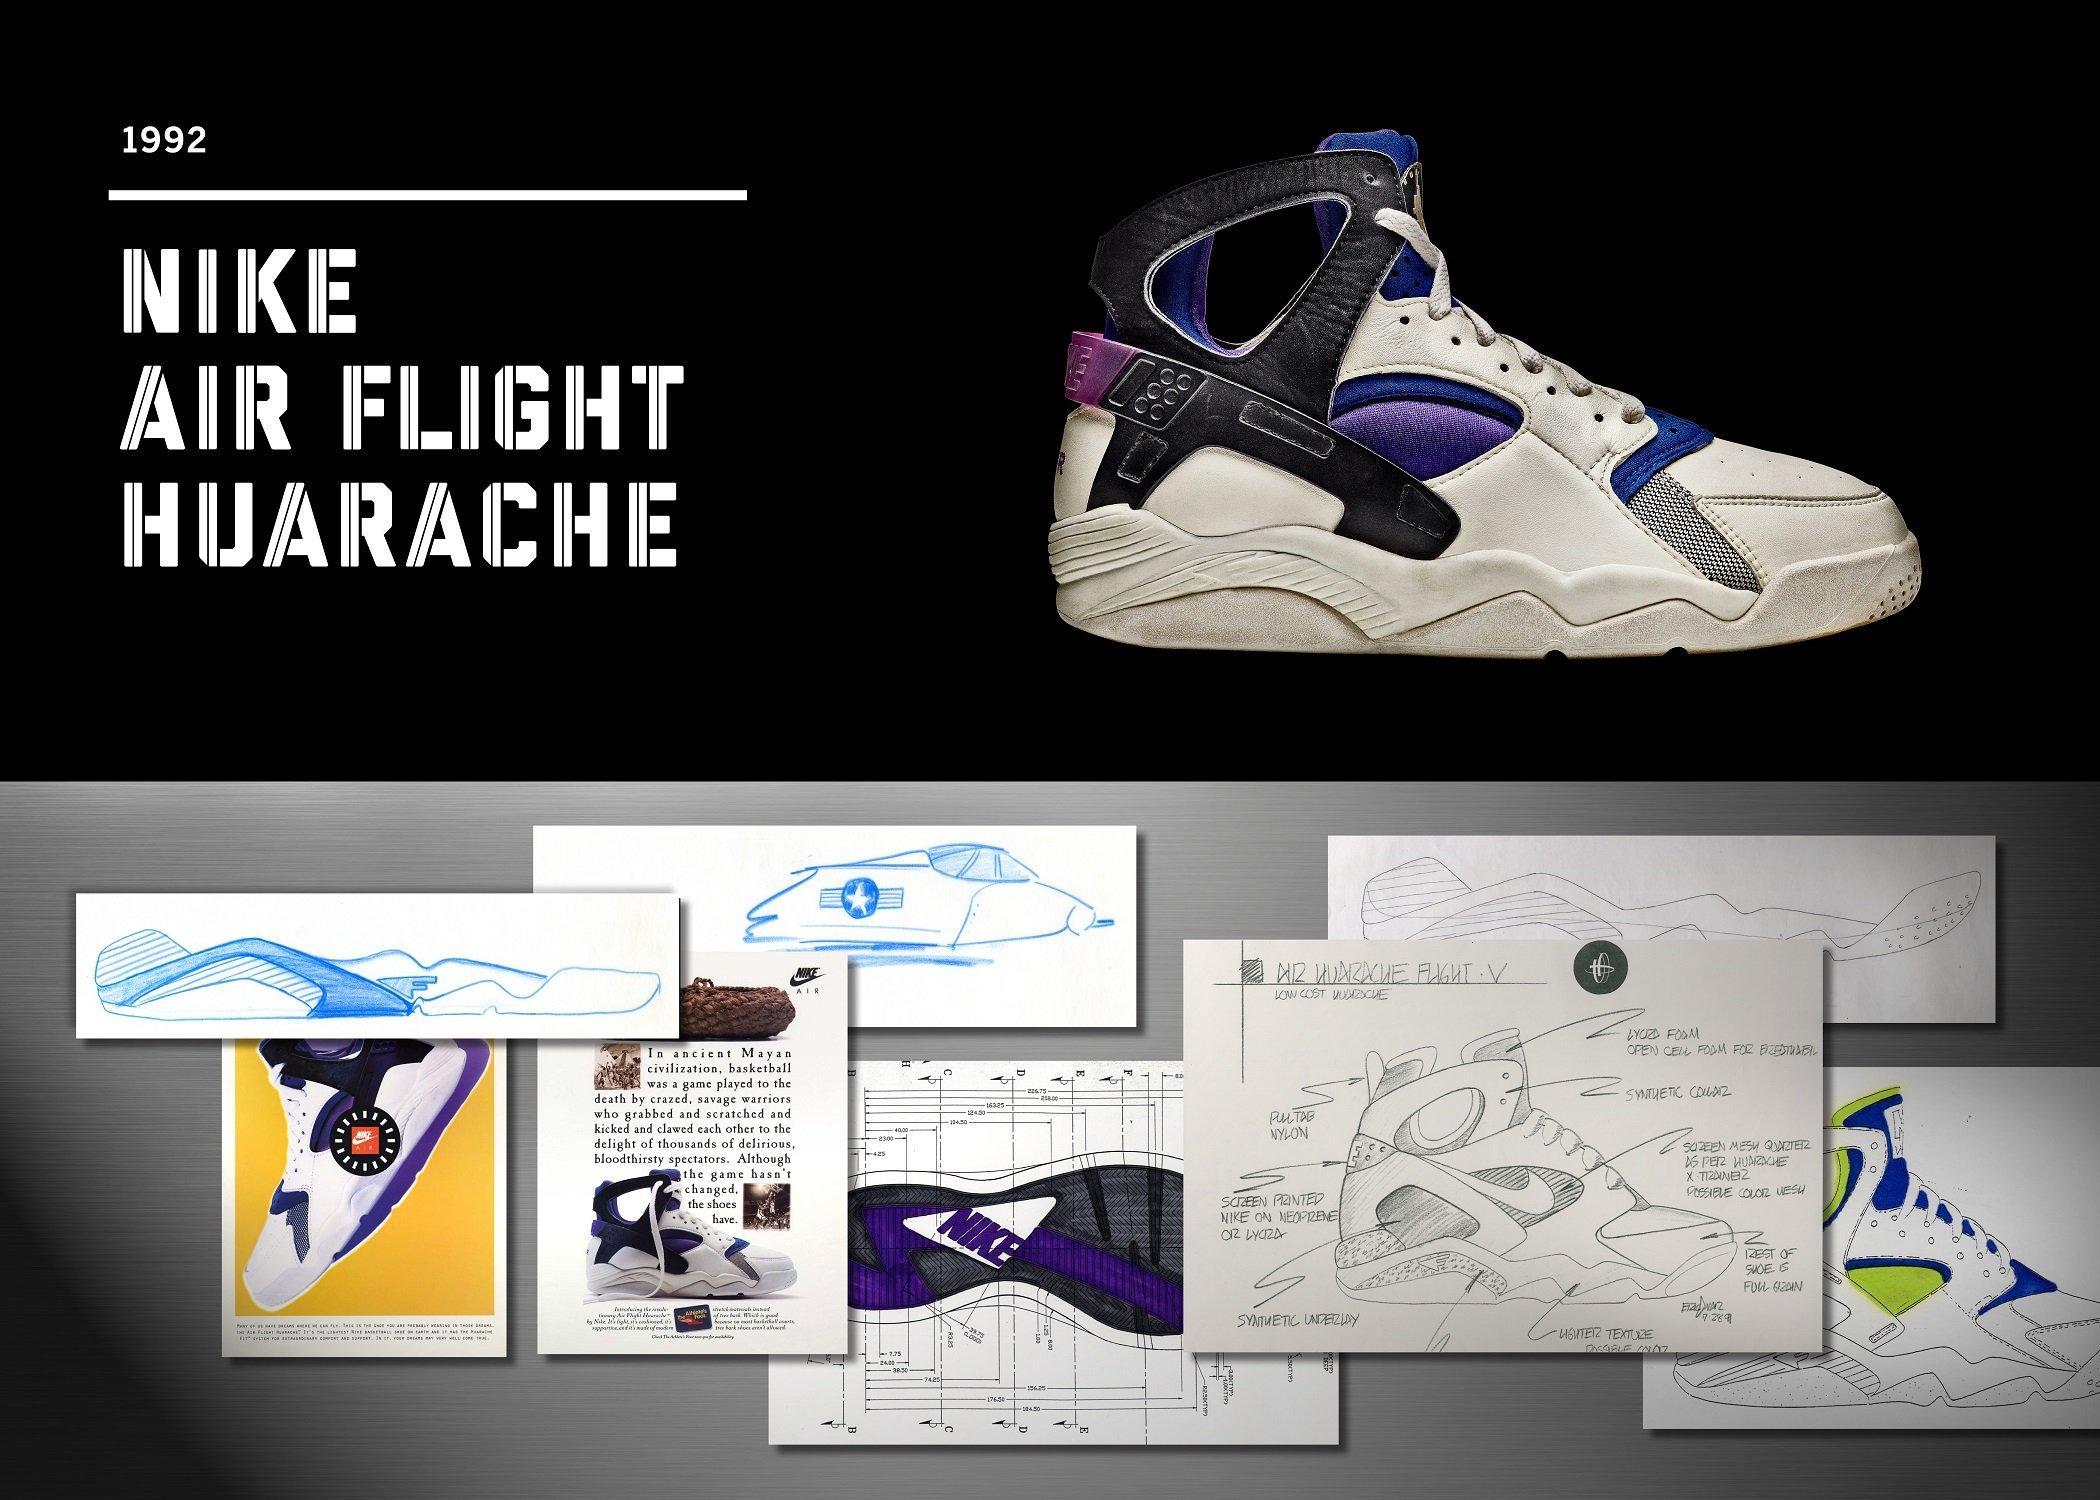 Nike Air Flight Huarache im Jahr 1992